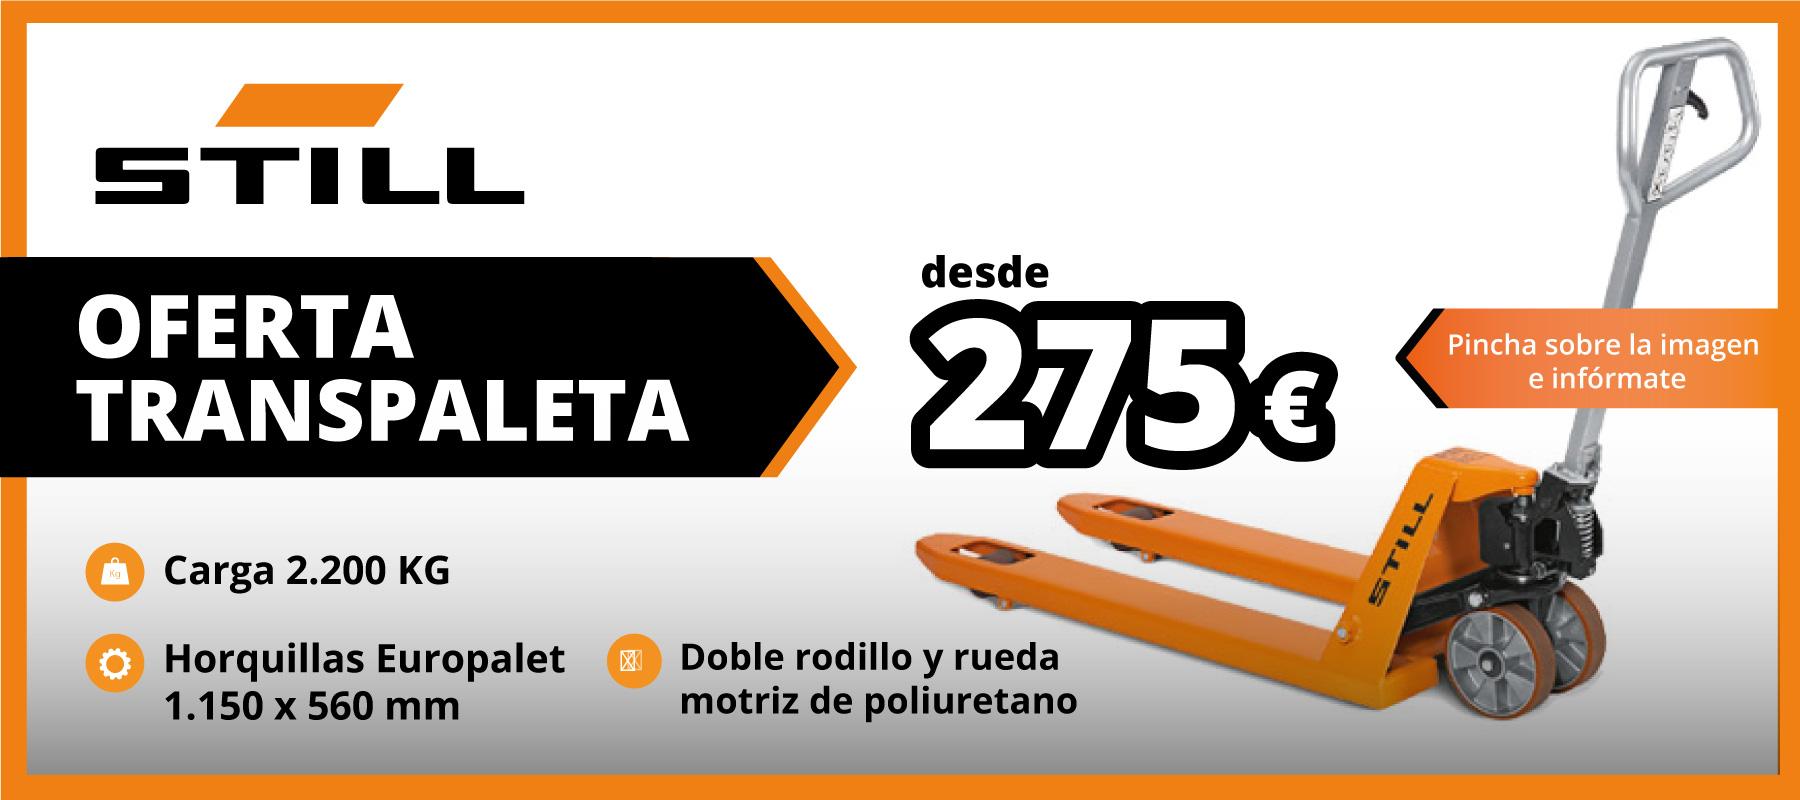 Oferta Transpaleta Still desde 275 euros | Daniel Monzón Still